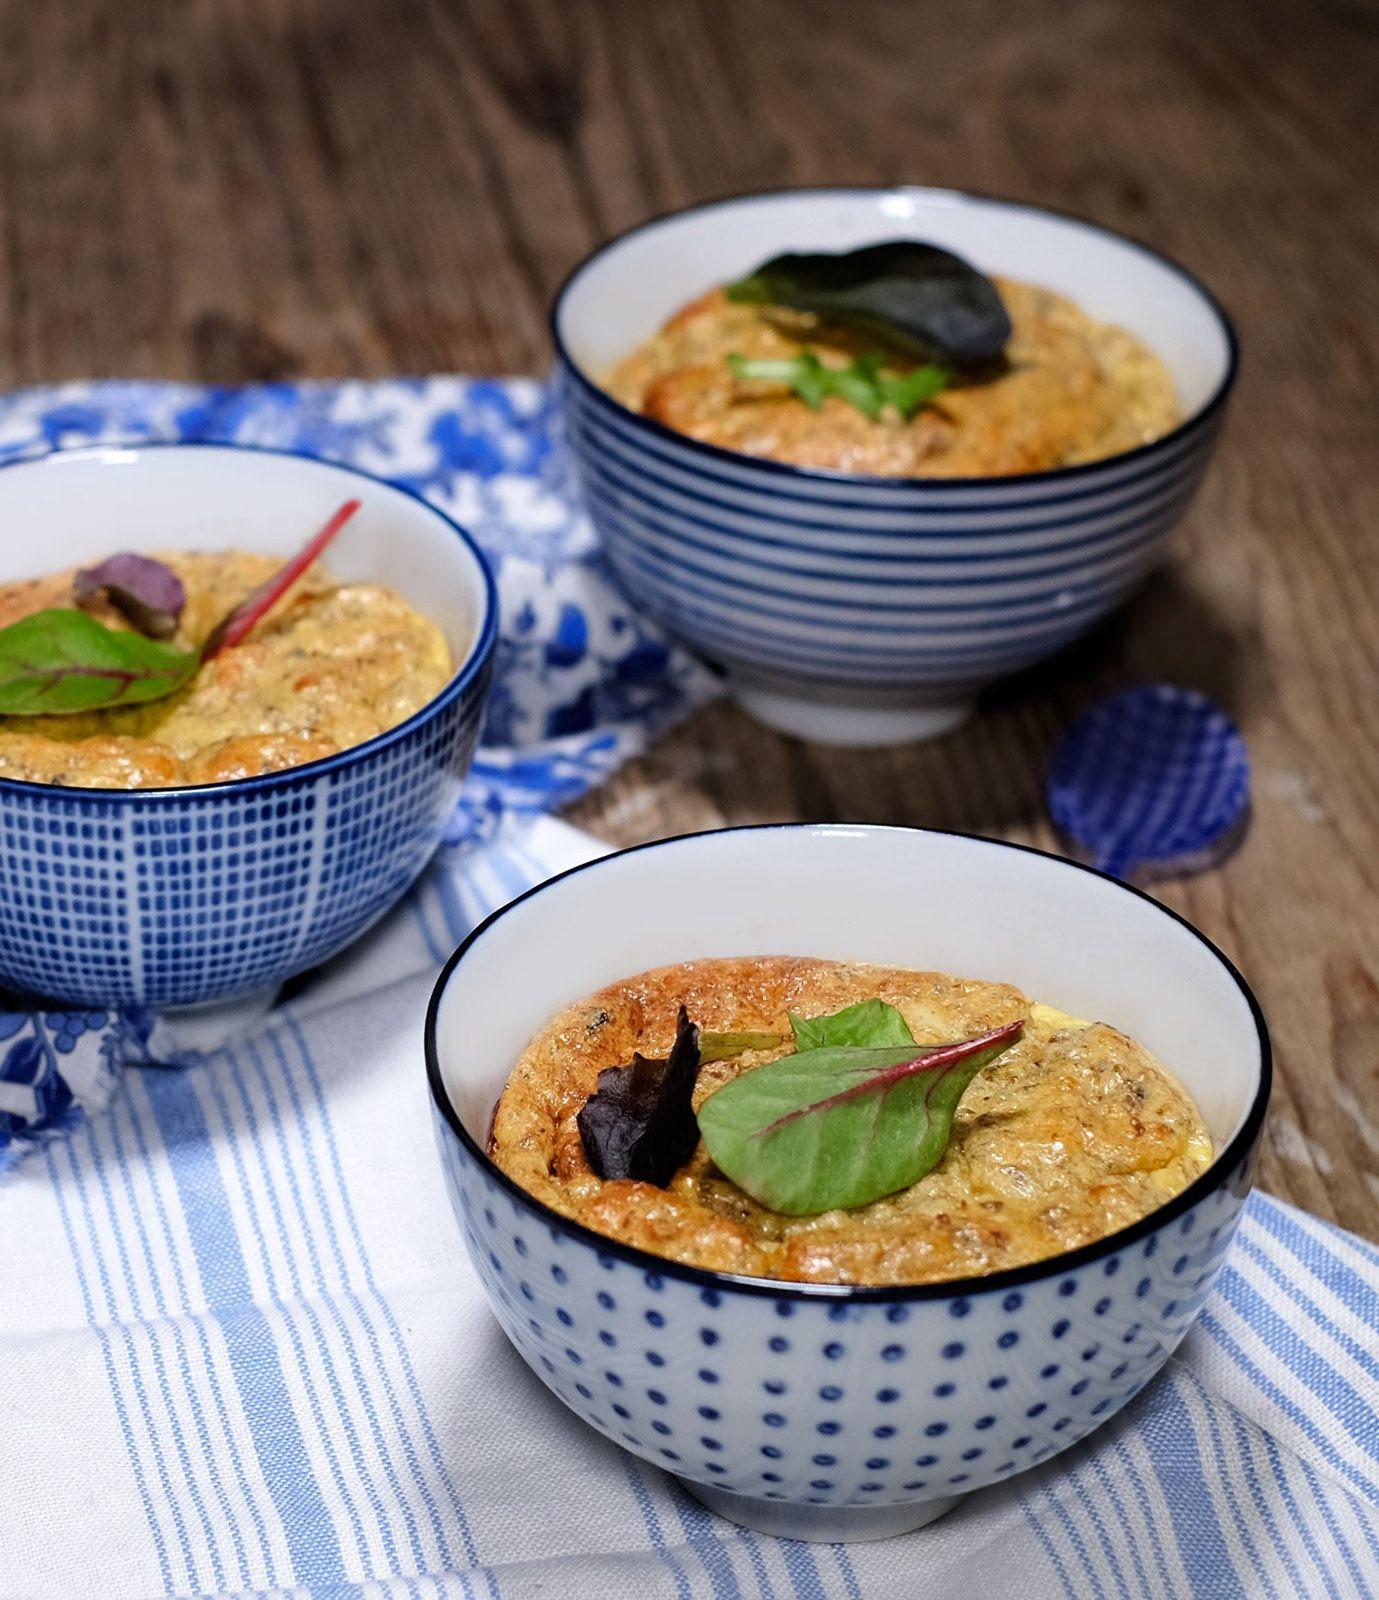 Cassolettes de champignons au parmesan